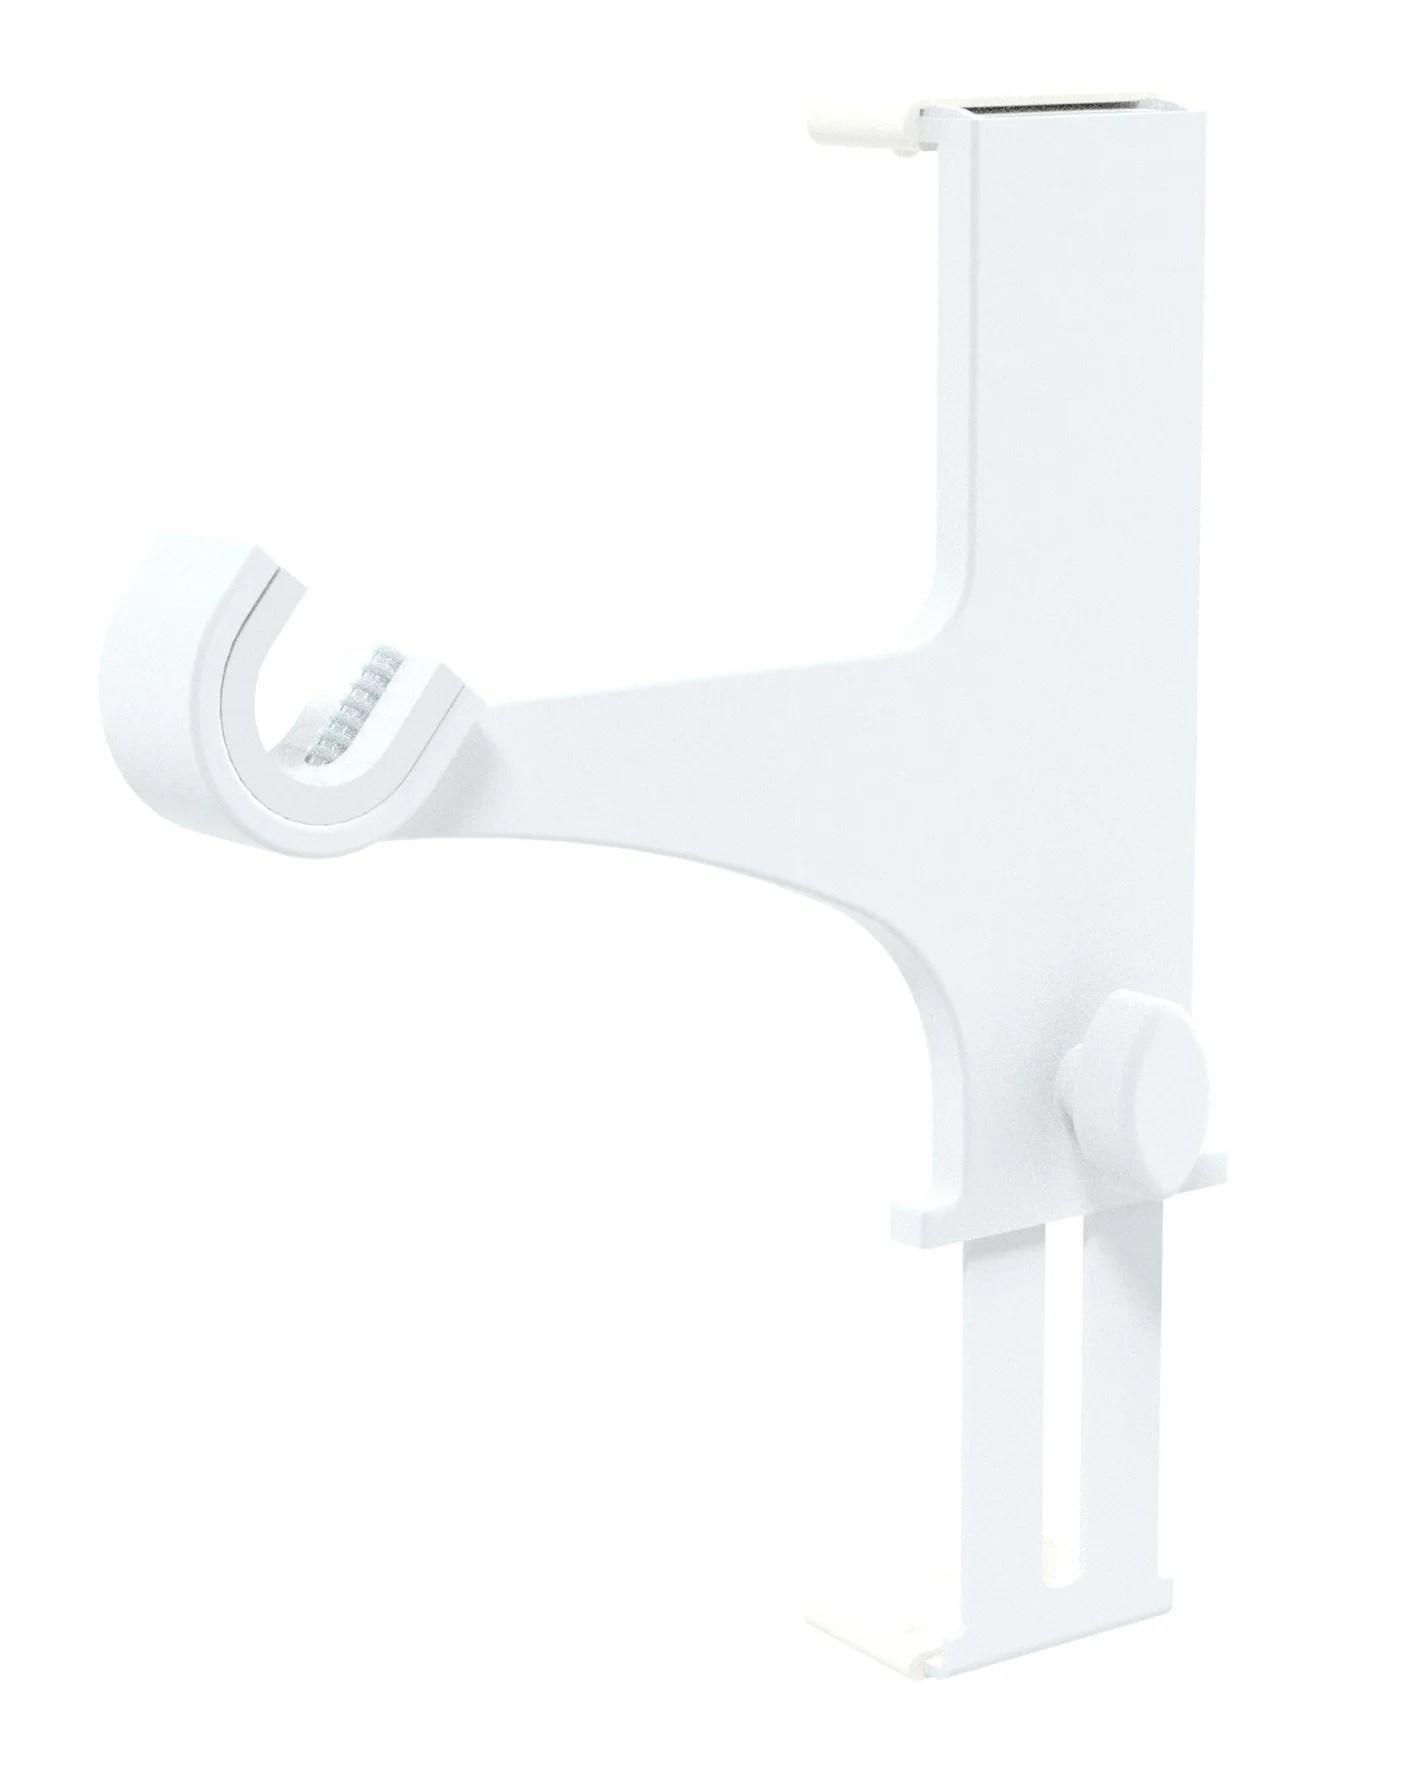 lot de 2 supports sans percage barre a rideau caisson volet 20 28 mm blanc laque